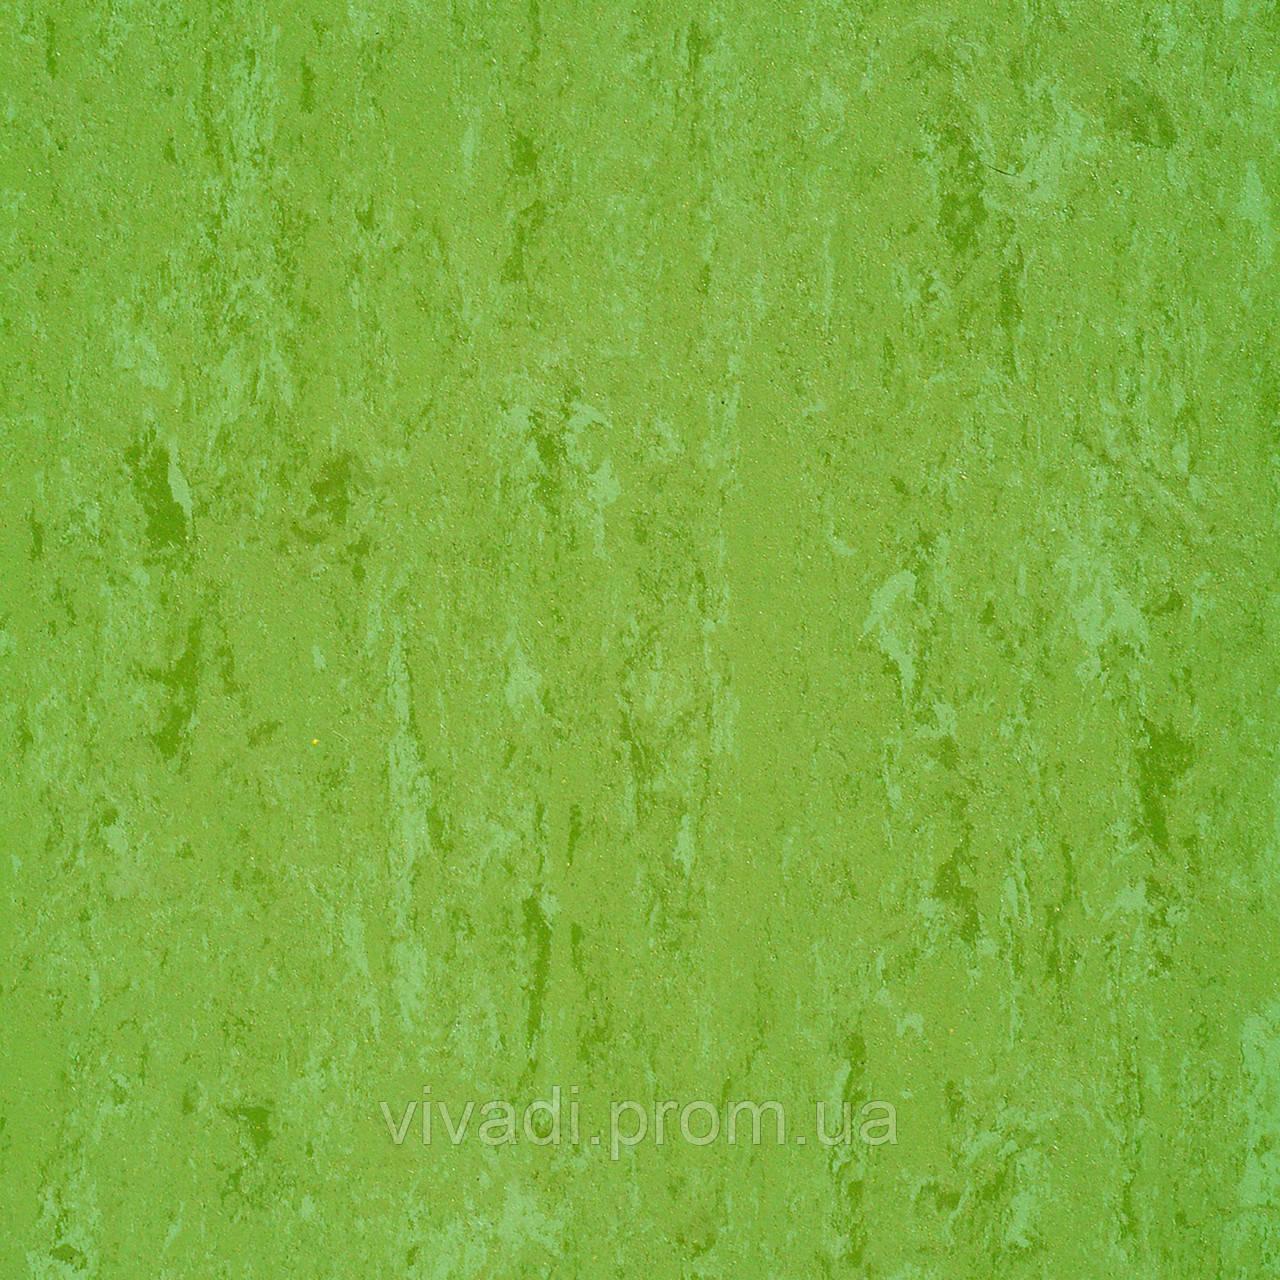 Натуральний лінолеум Linodur LPX - колір 151-011